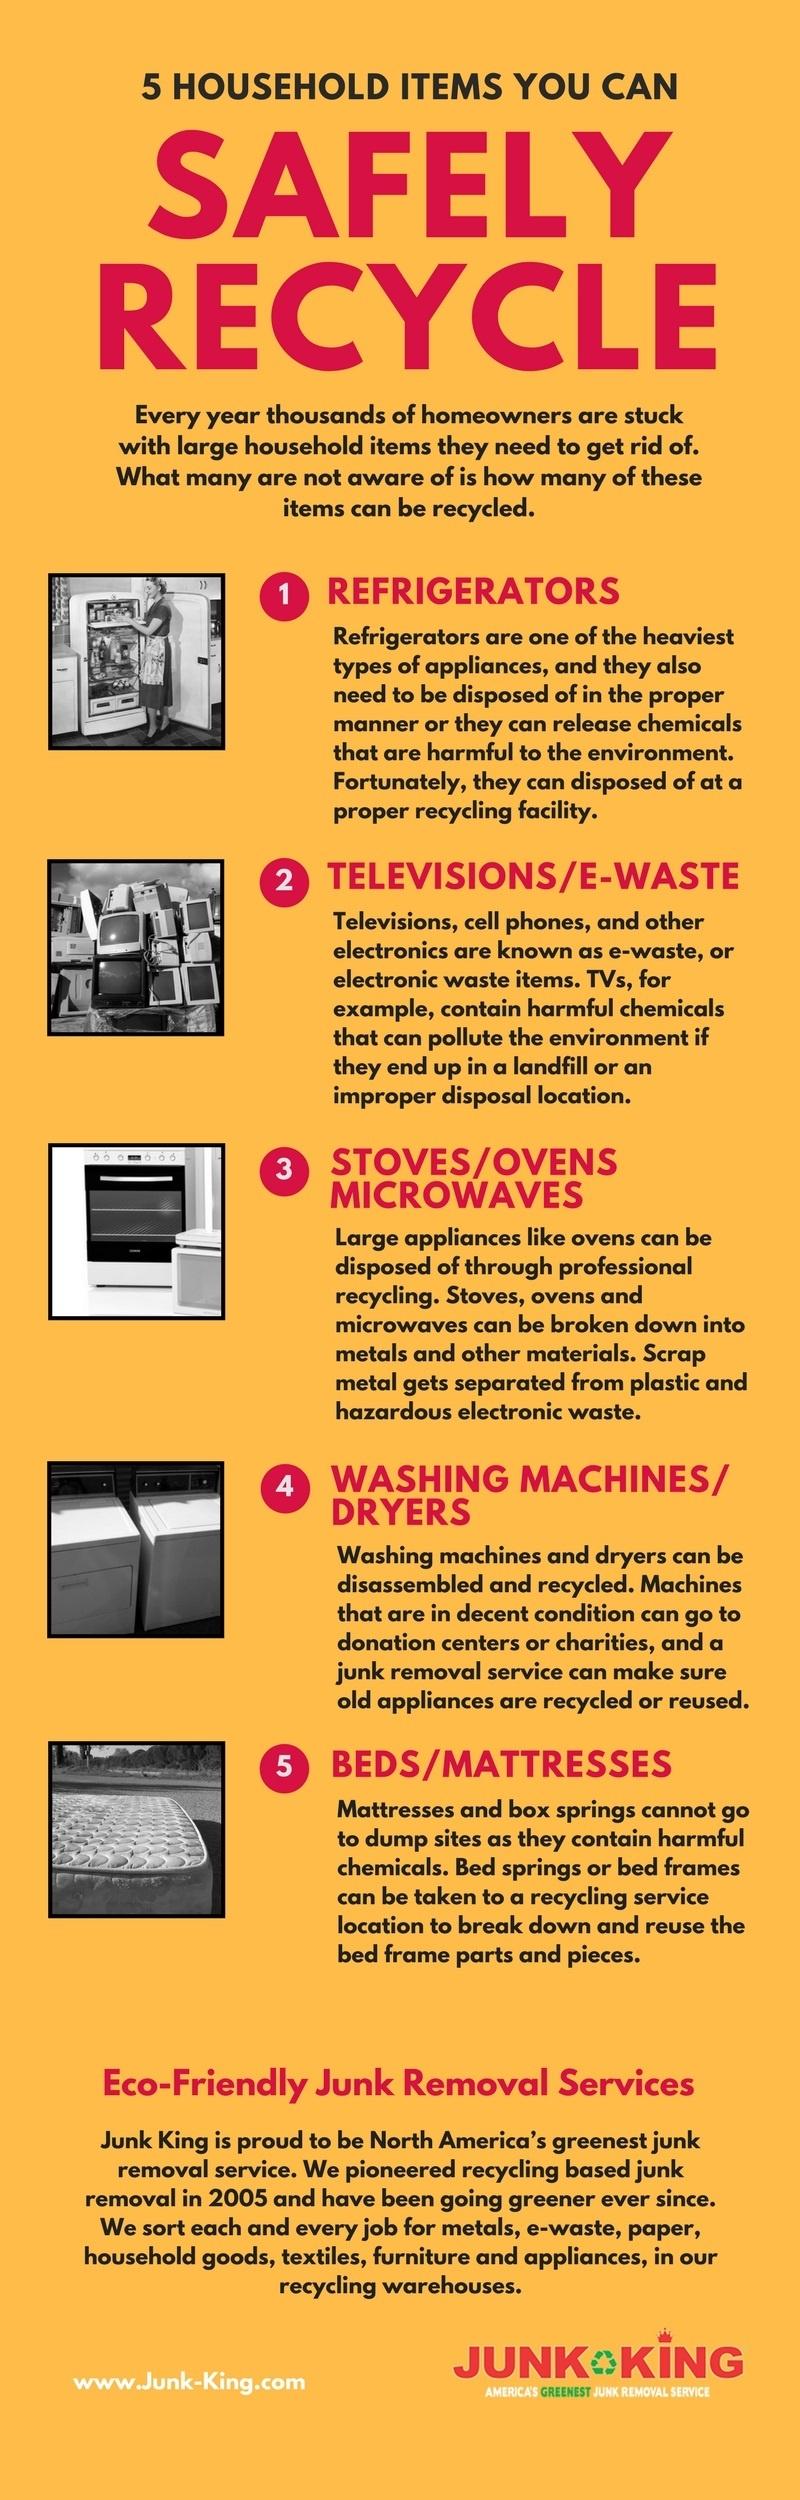 5 household items.jpg